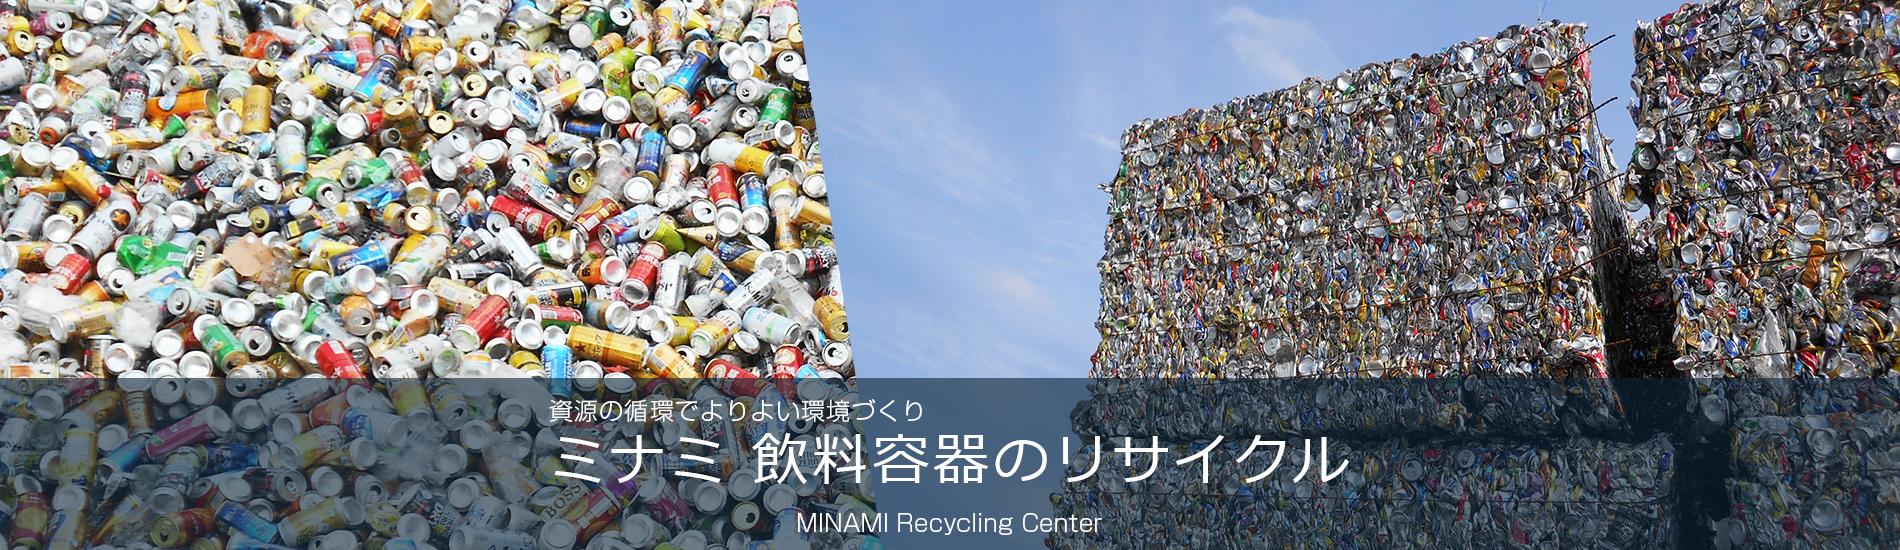 ミナミ 飲料容器のリサイクル